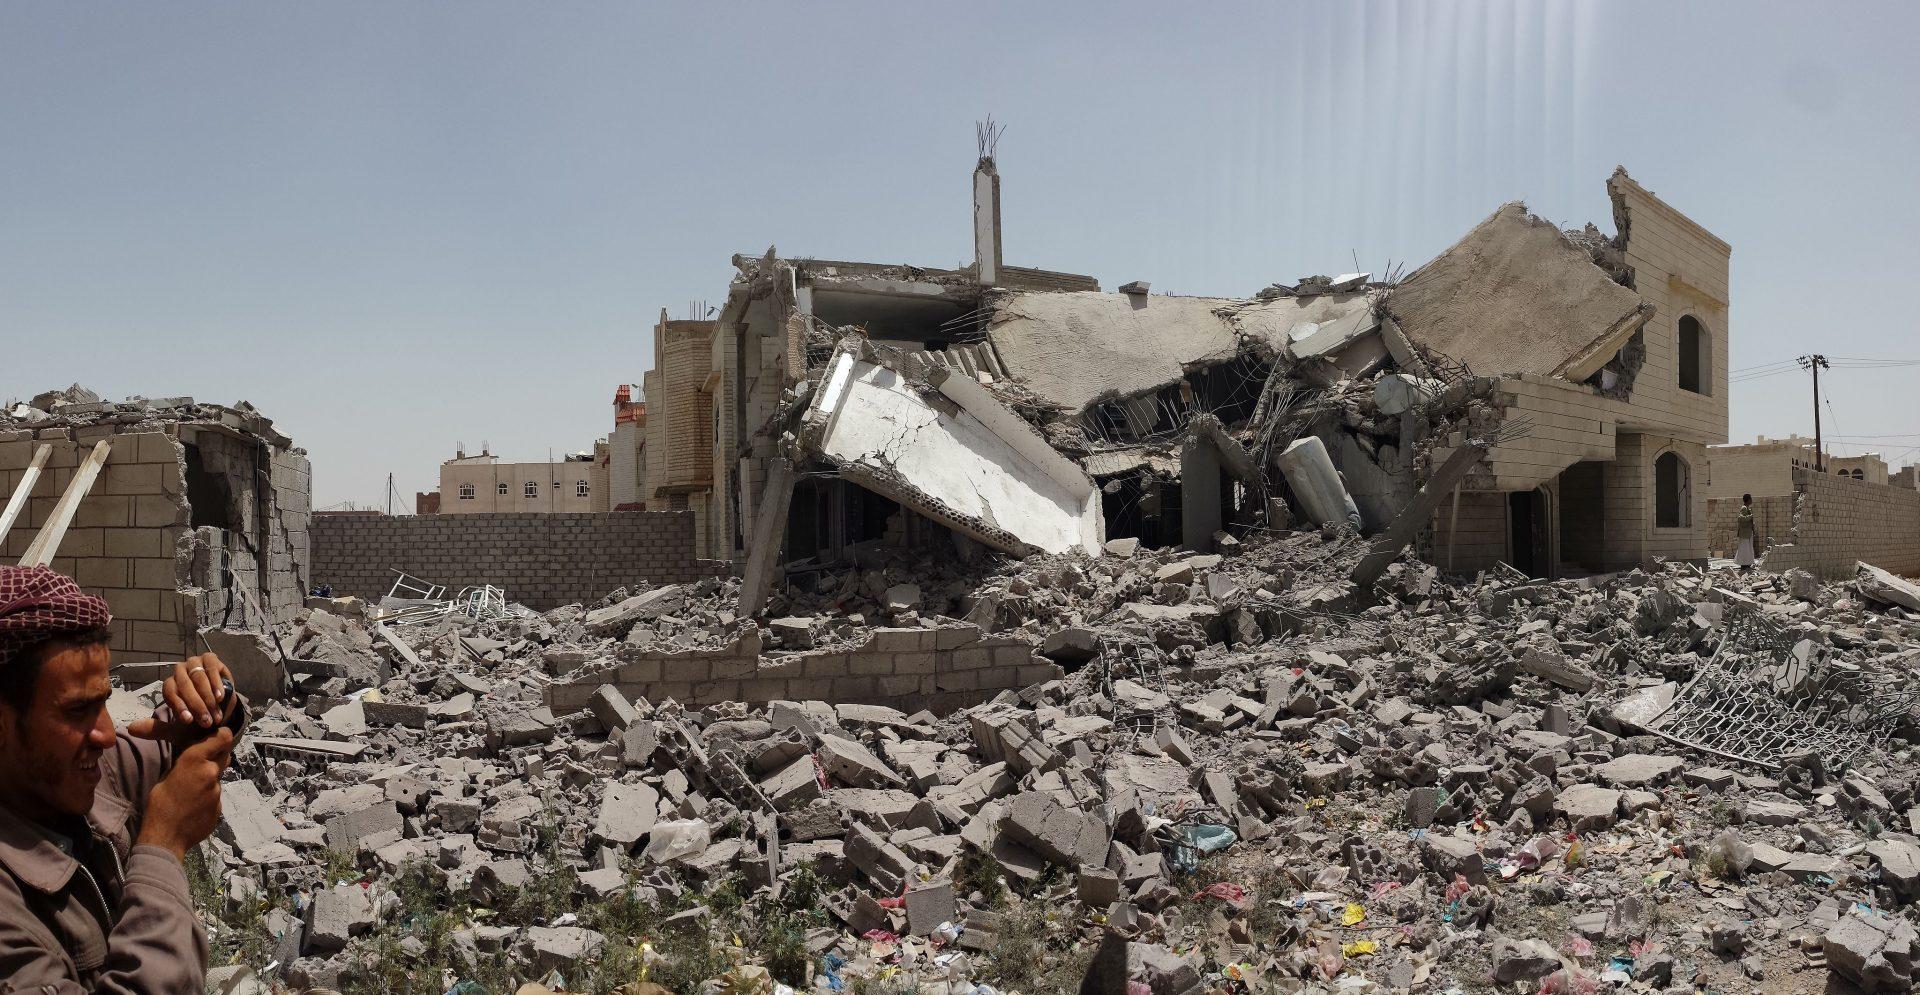 Jemen, intervence Saudské Arábie /Ibrahem Qasim via Wikimedia Comonns